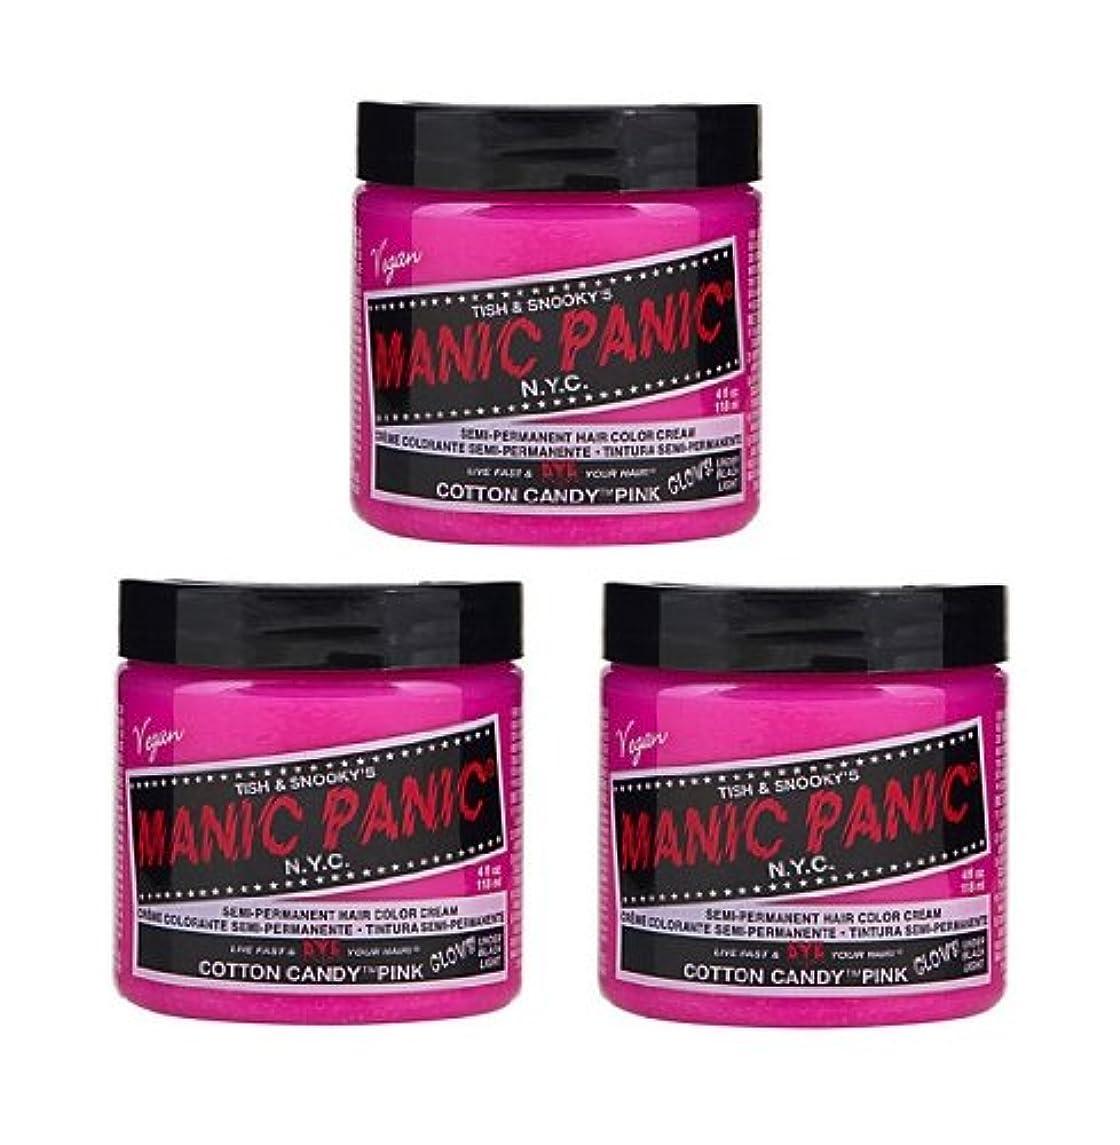 罪貢献団結【3個セット】MANIC PANIC マニックパニック Cotton Candy Pink コットン?キャンディー?ピンク 118ml